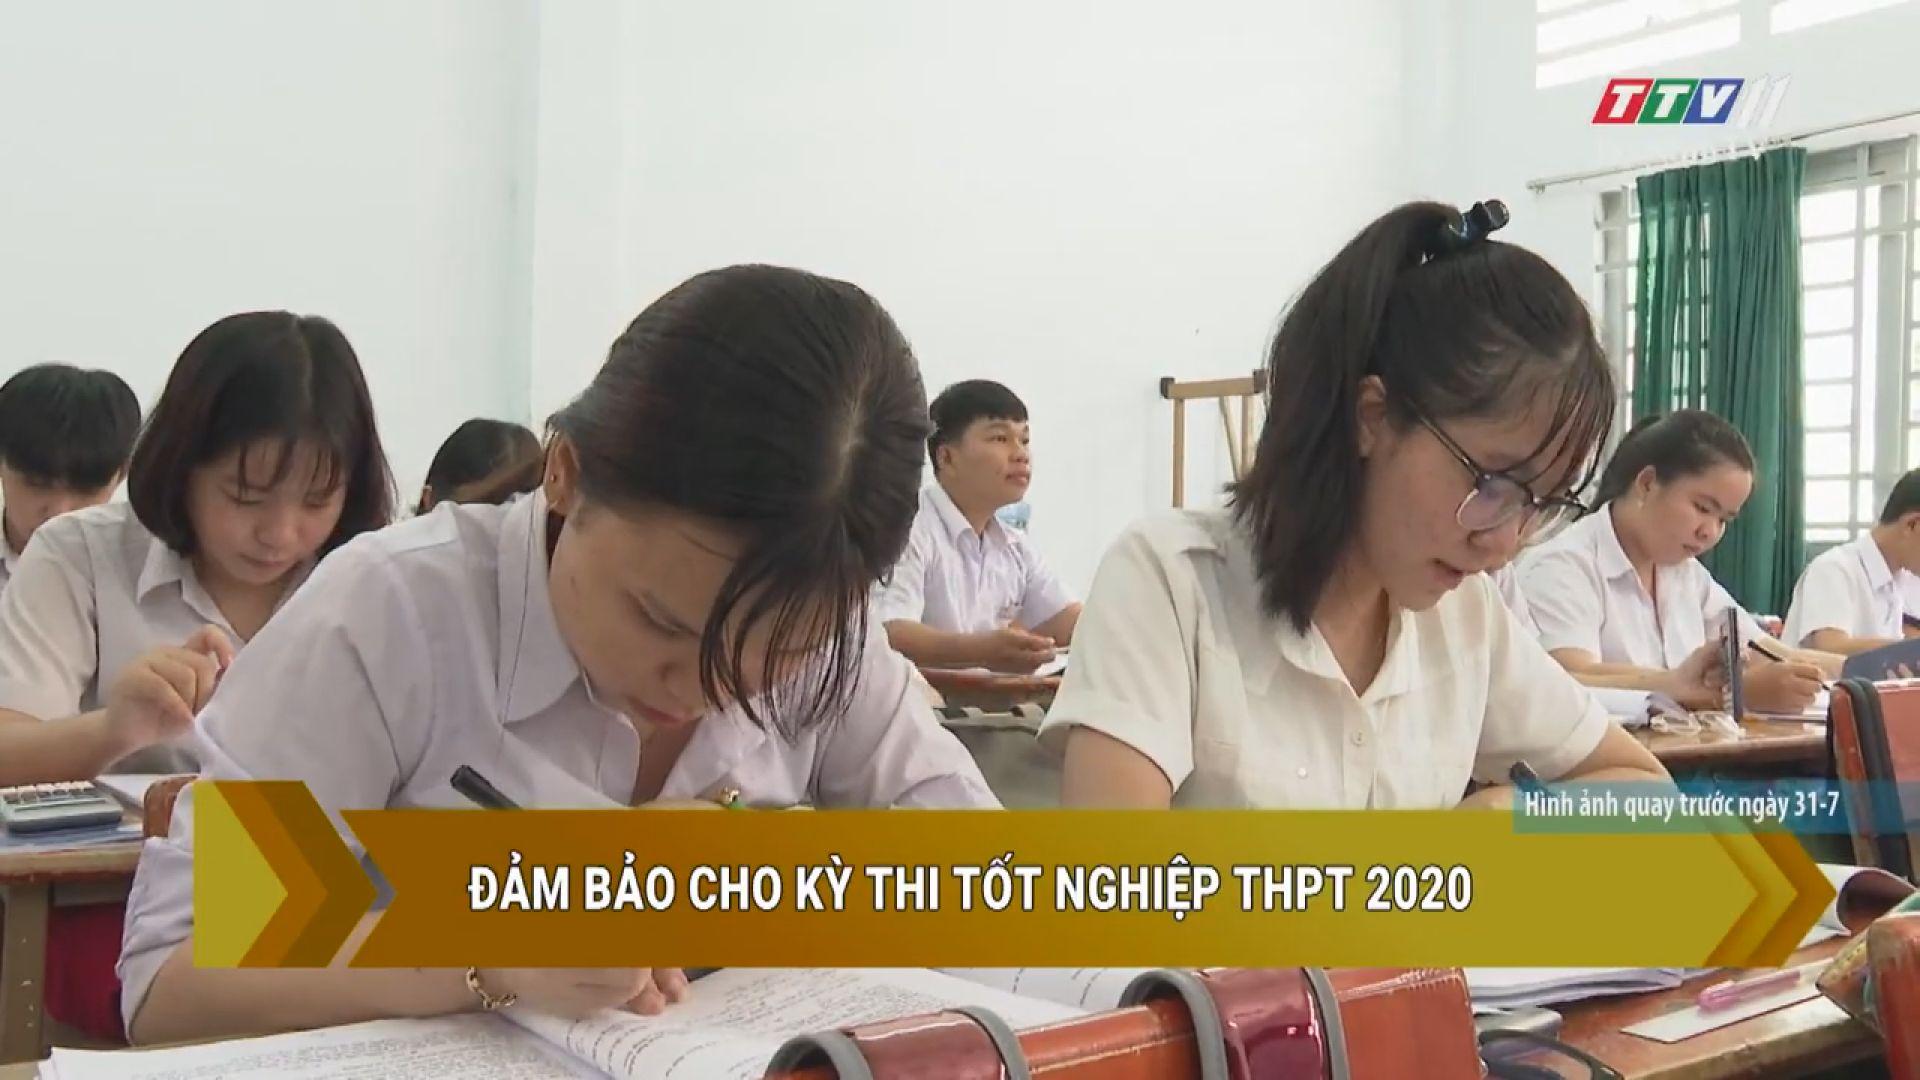 Đảm bảo cho kỳ thi tốt nghiệp THPT 2020 | GIÁO DỤC VÀ ĐÀO TẠO | TayNinhTV